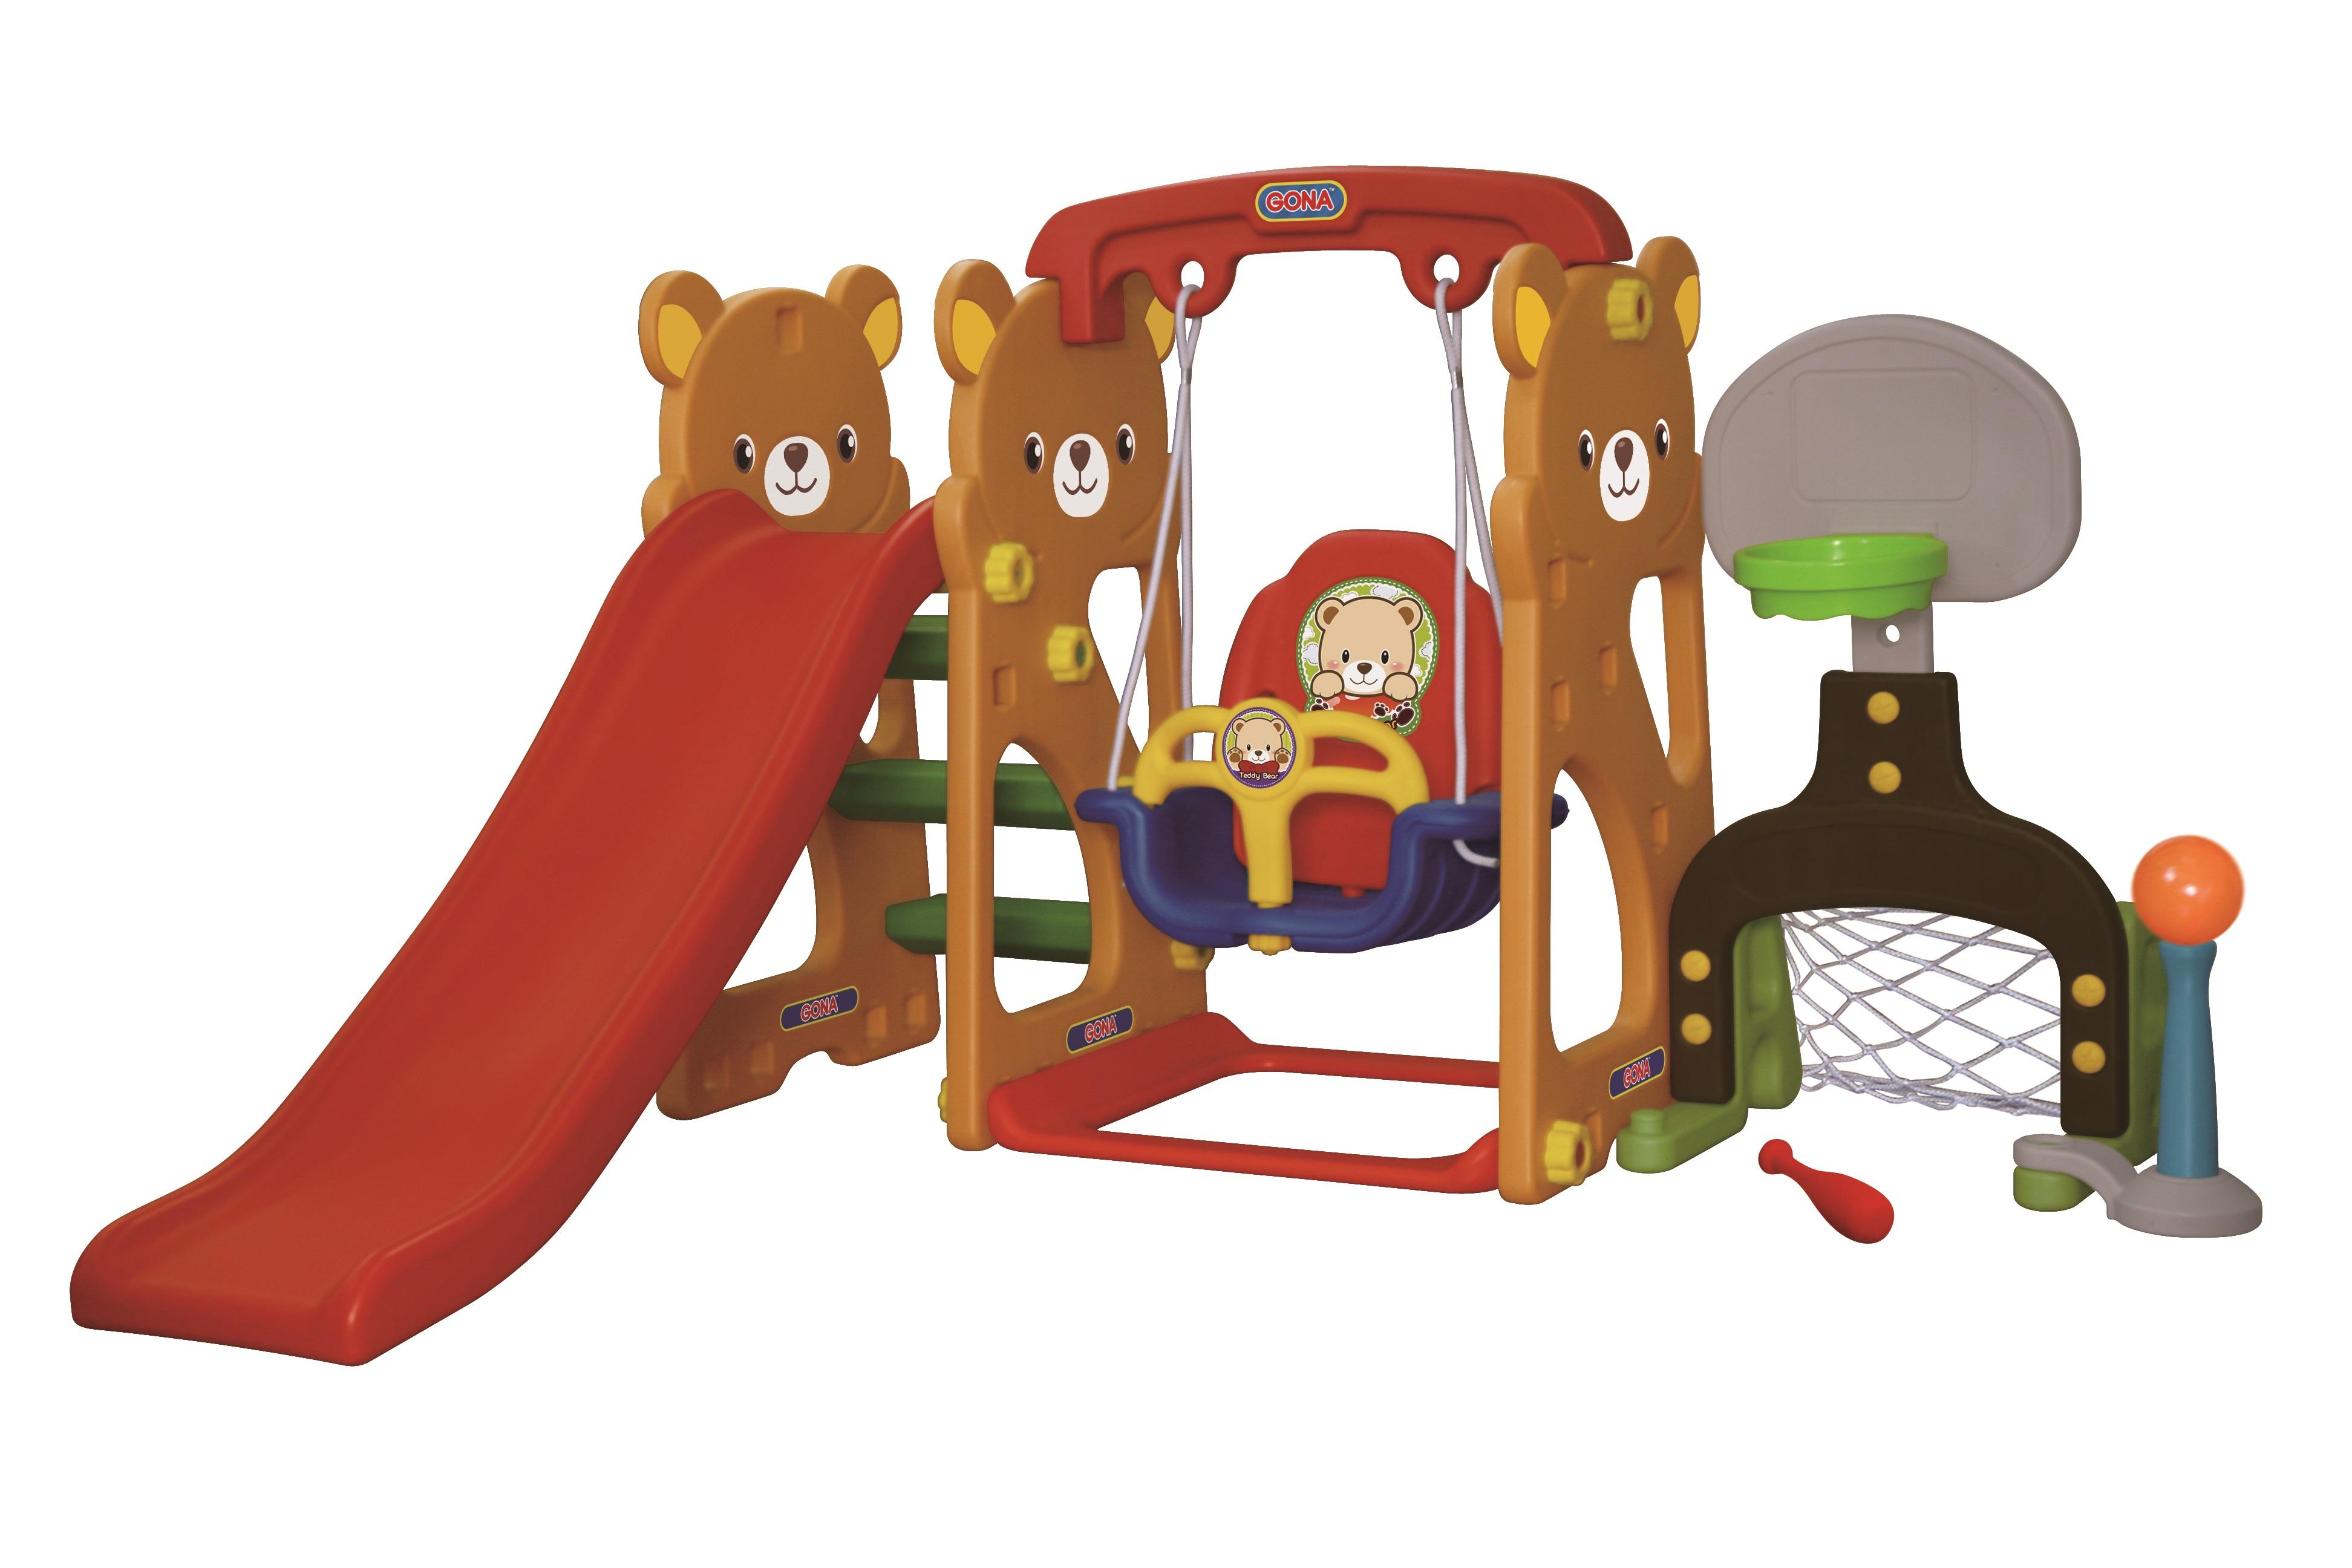 Игровая зона Мишка с качелями, горкой, футбольными воротами и баскетбольным кольцомДетские игровые горки<br>Игровая зона Мишка с качелями, горкой, футбольными воротами и баскетбольным кольцом<br>